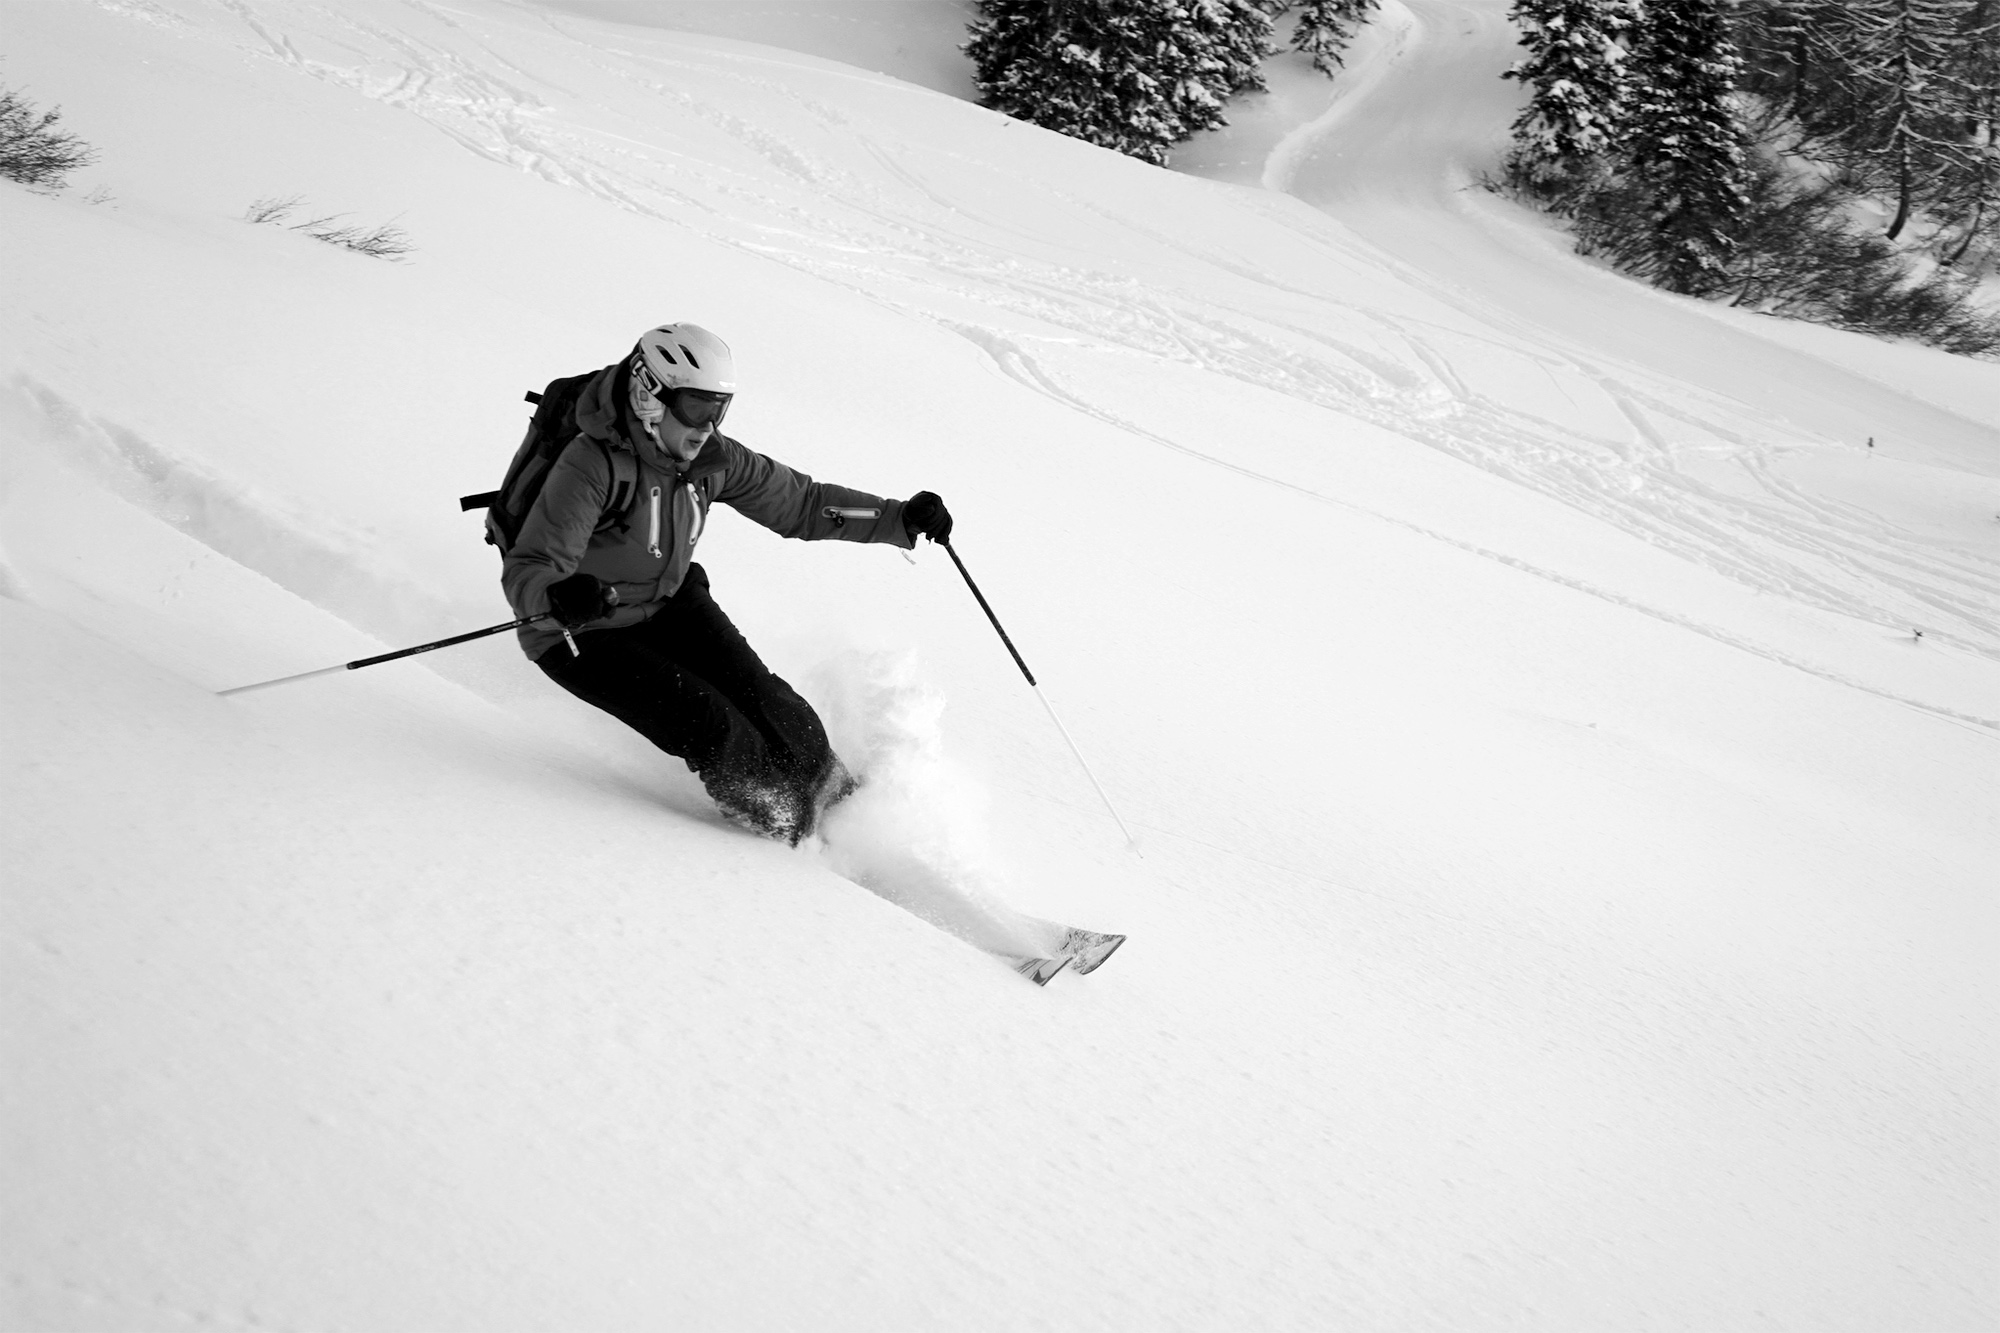 2017-04-Haus-Hirt - haus-hirt-bad-gastein-nectarandpulse-skiing-22.jpg